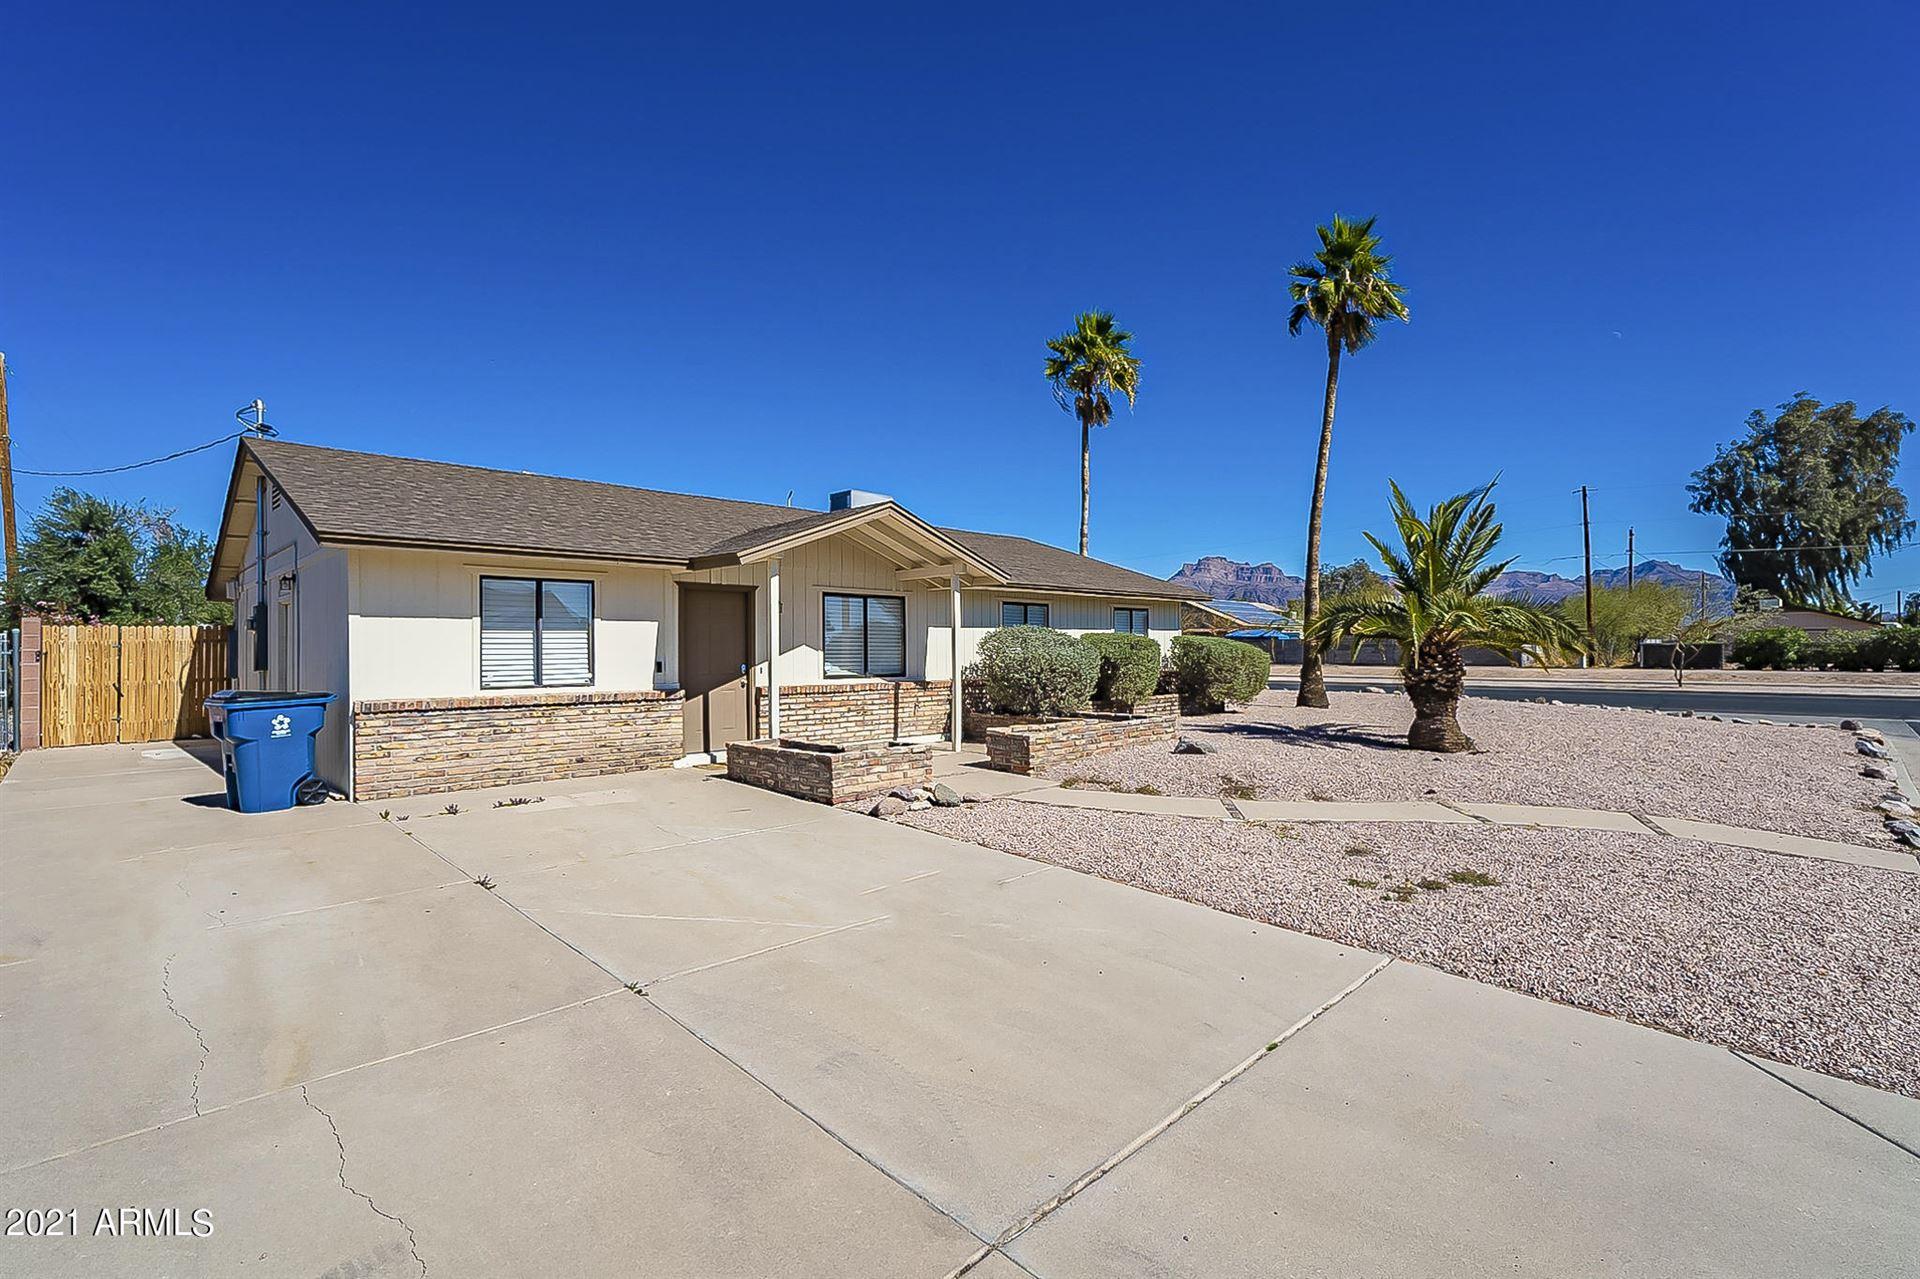 Photo of 790 E MESQUITE Avenue, Apache Junction, AZ 85119 (MLS # 6291208)